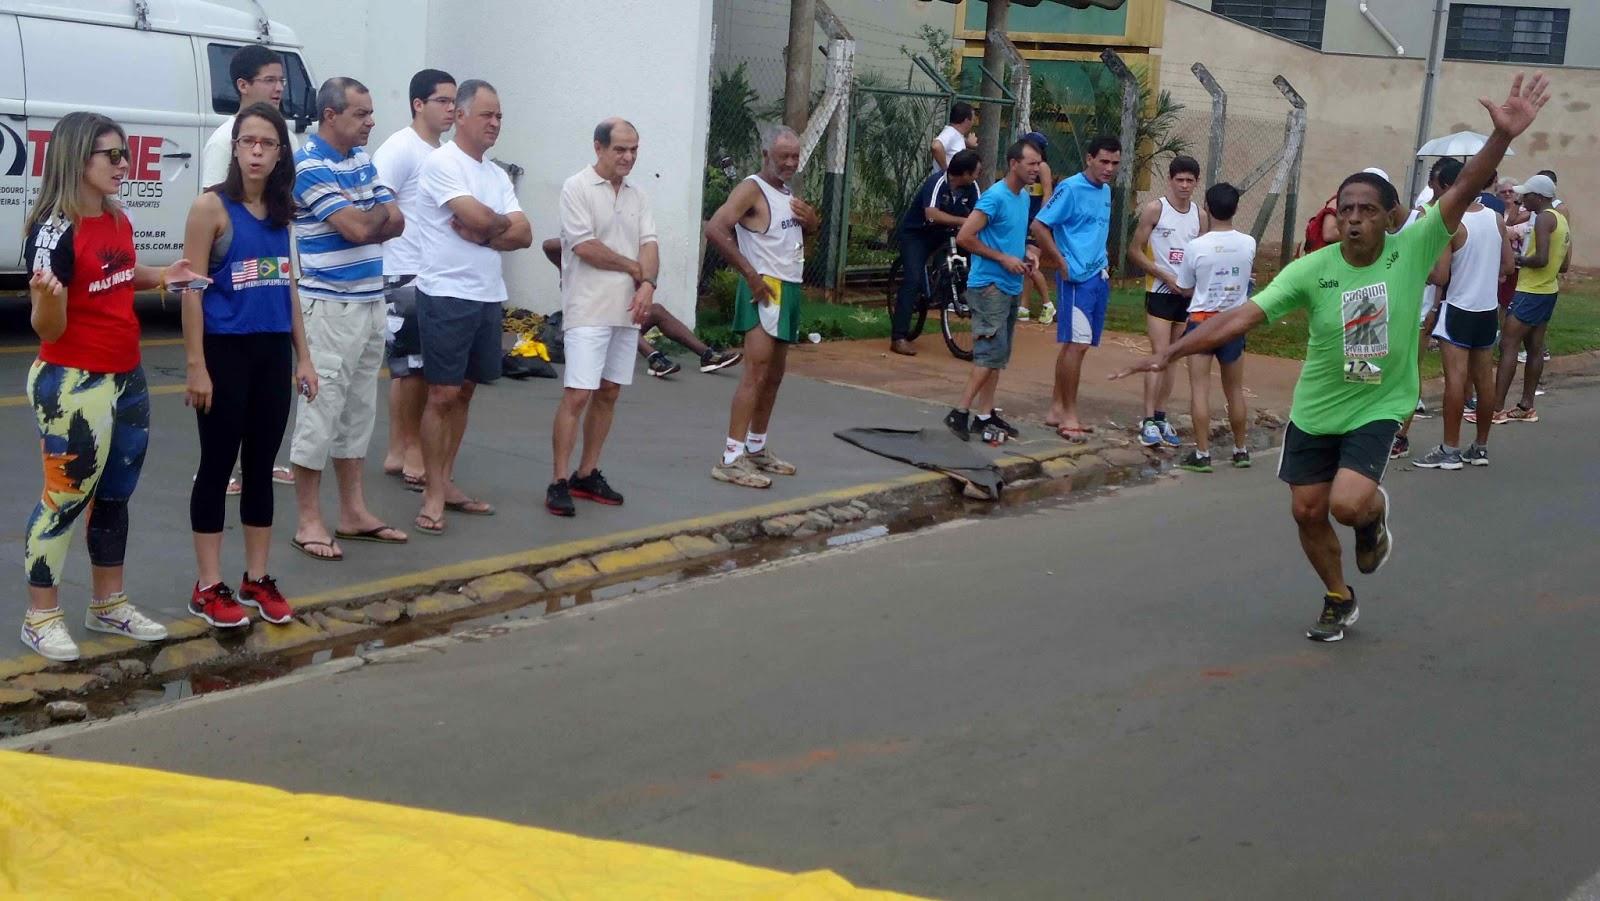 Foto 182 da 1ª Corrida Av. dos Coqueiros em Barretos-SP 14/04/2013 – Atletas cruzando a linha de chegada